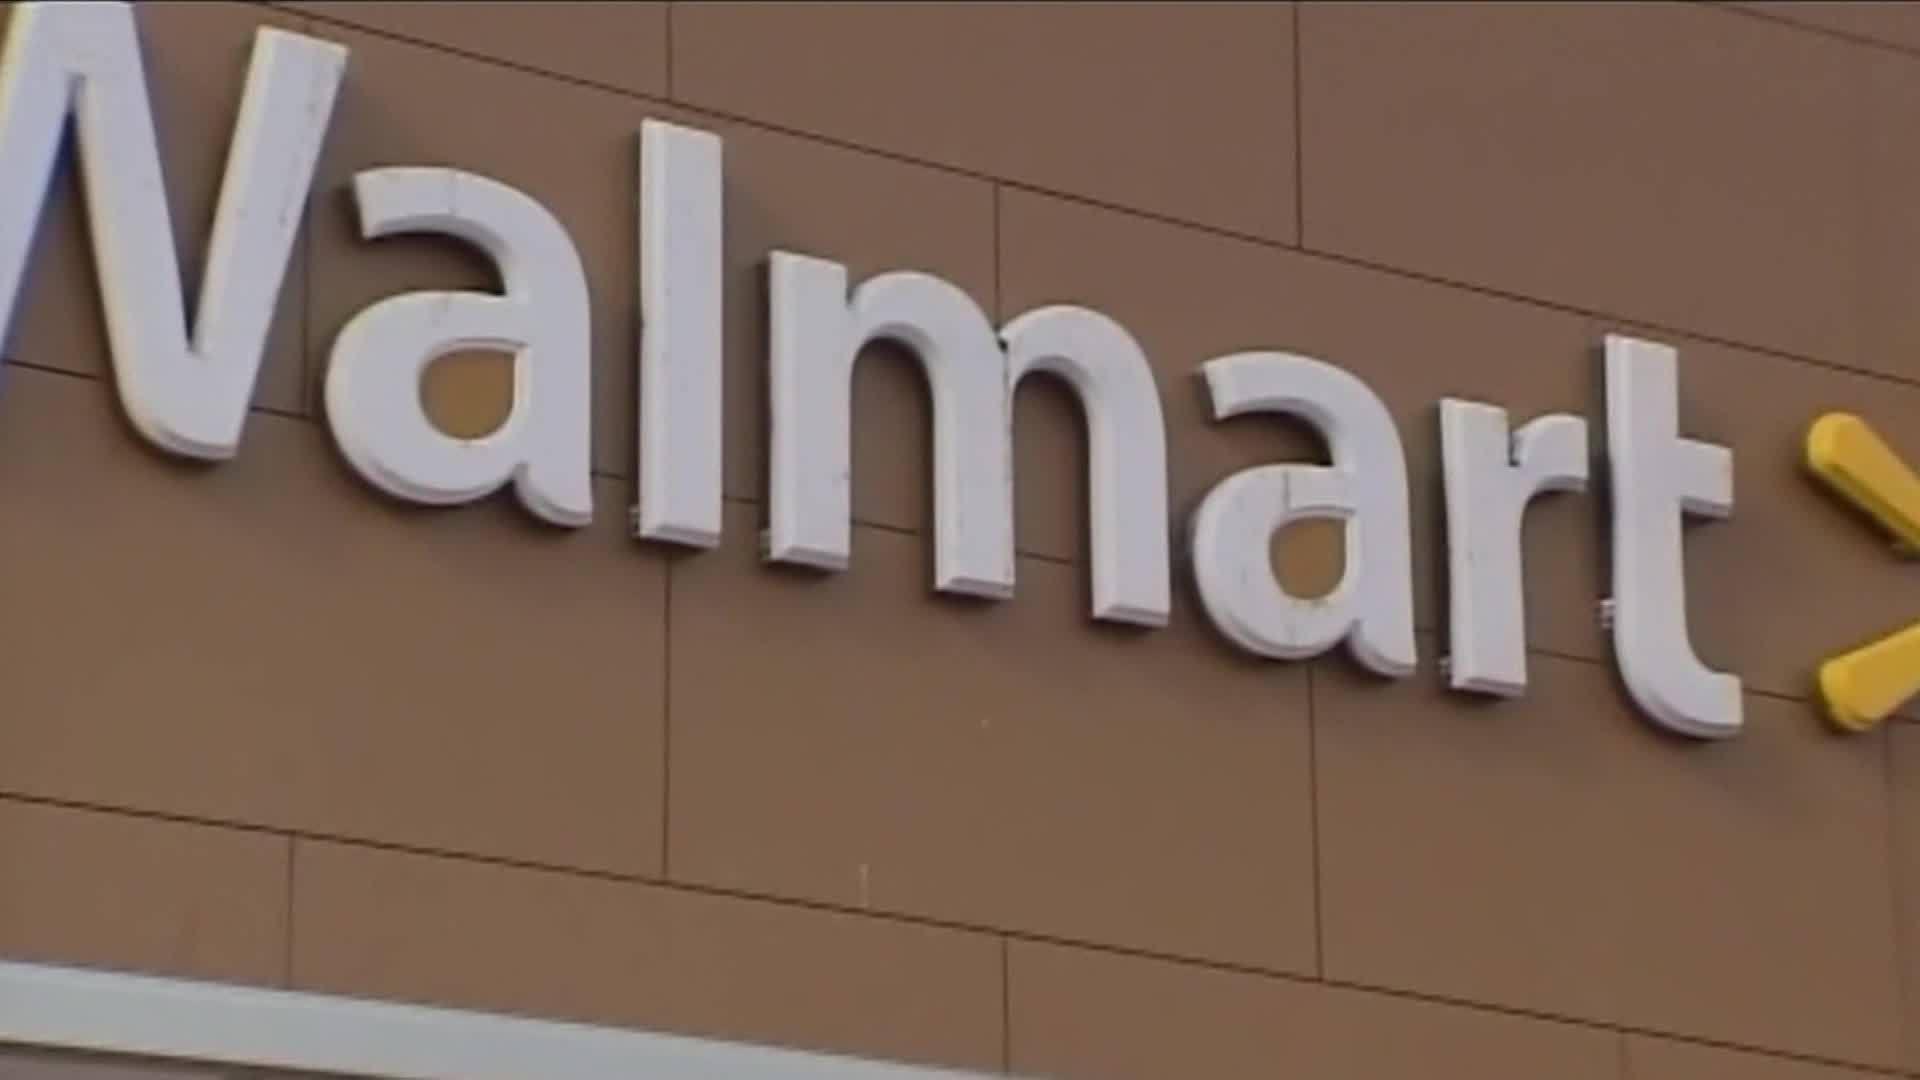 Walmart_had_a_blockbuster_holiday_season_2_20190220180137